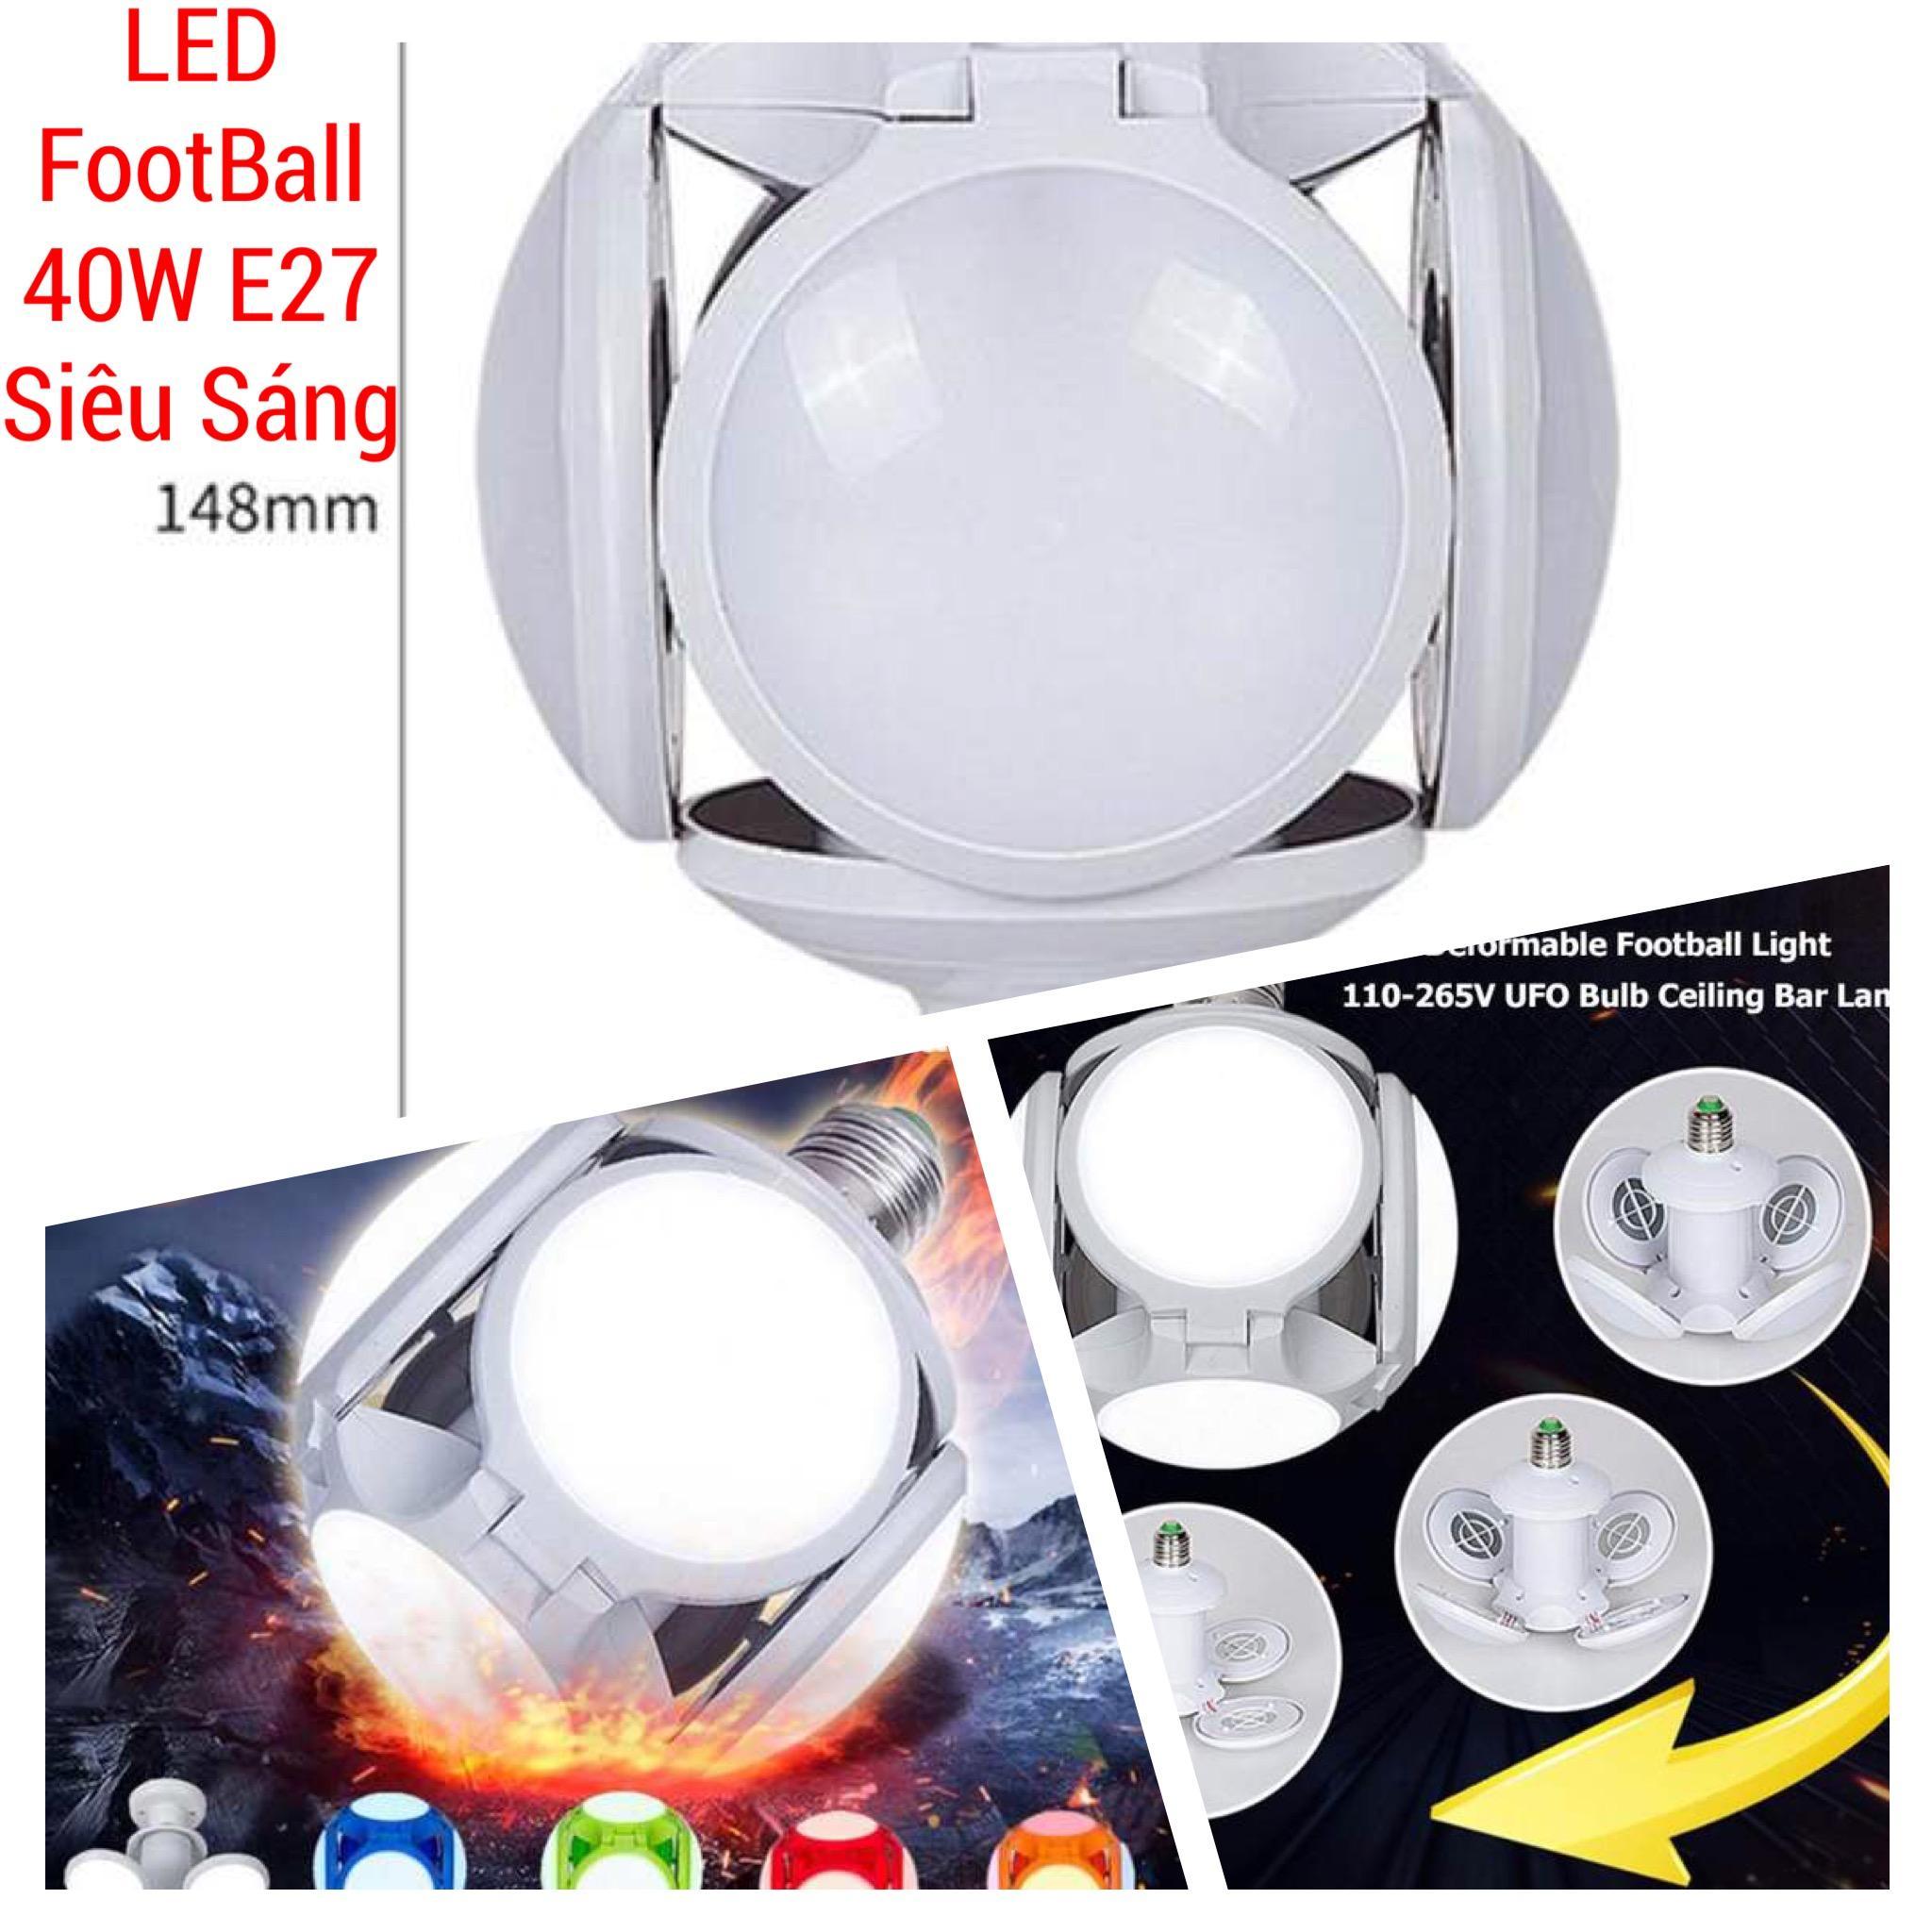 Đèn Led 40W 4 Cánh Football UFO Lamp - Đuôi E27 - Bảo Hành 1 Năm Có Giá Tốt